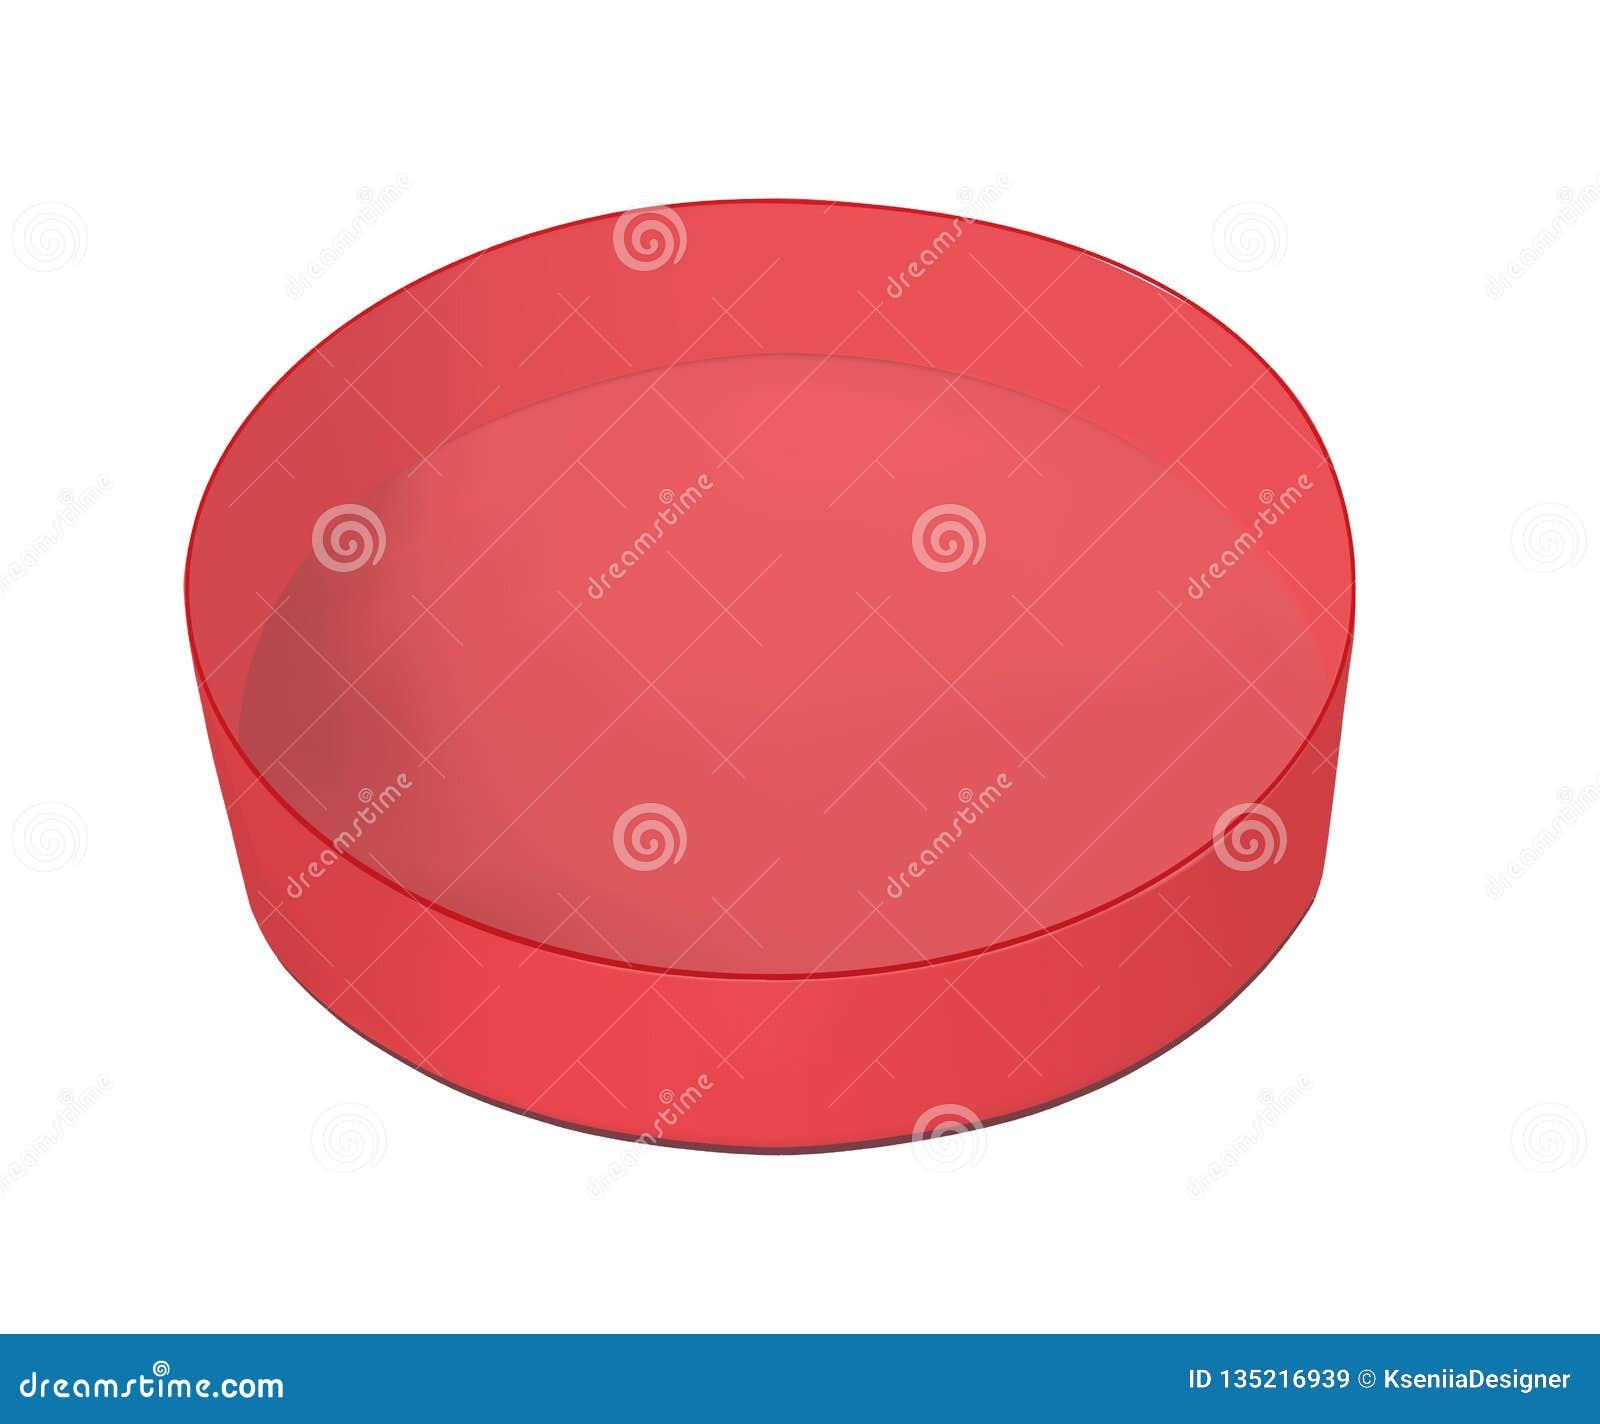 Round czerwony karton dla jedzenia, ciastek i prezentów,